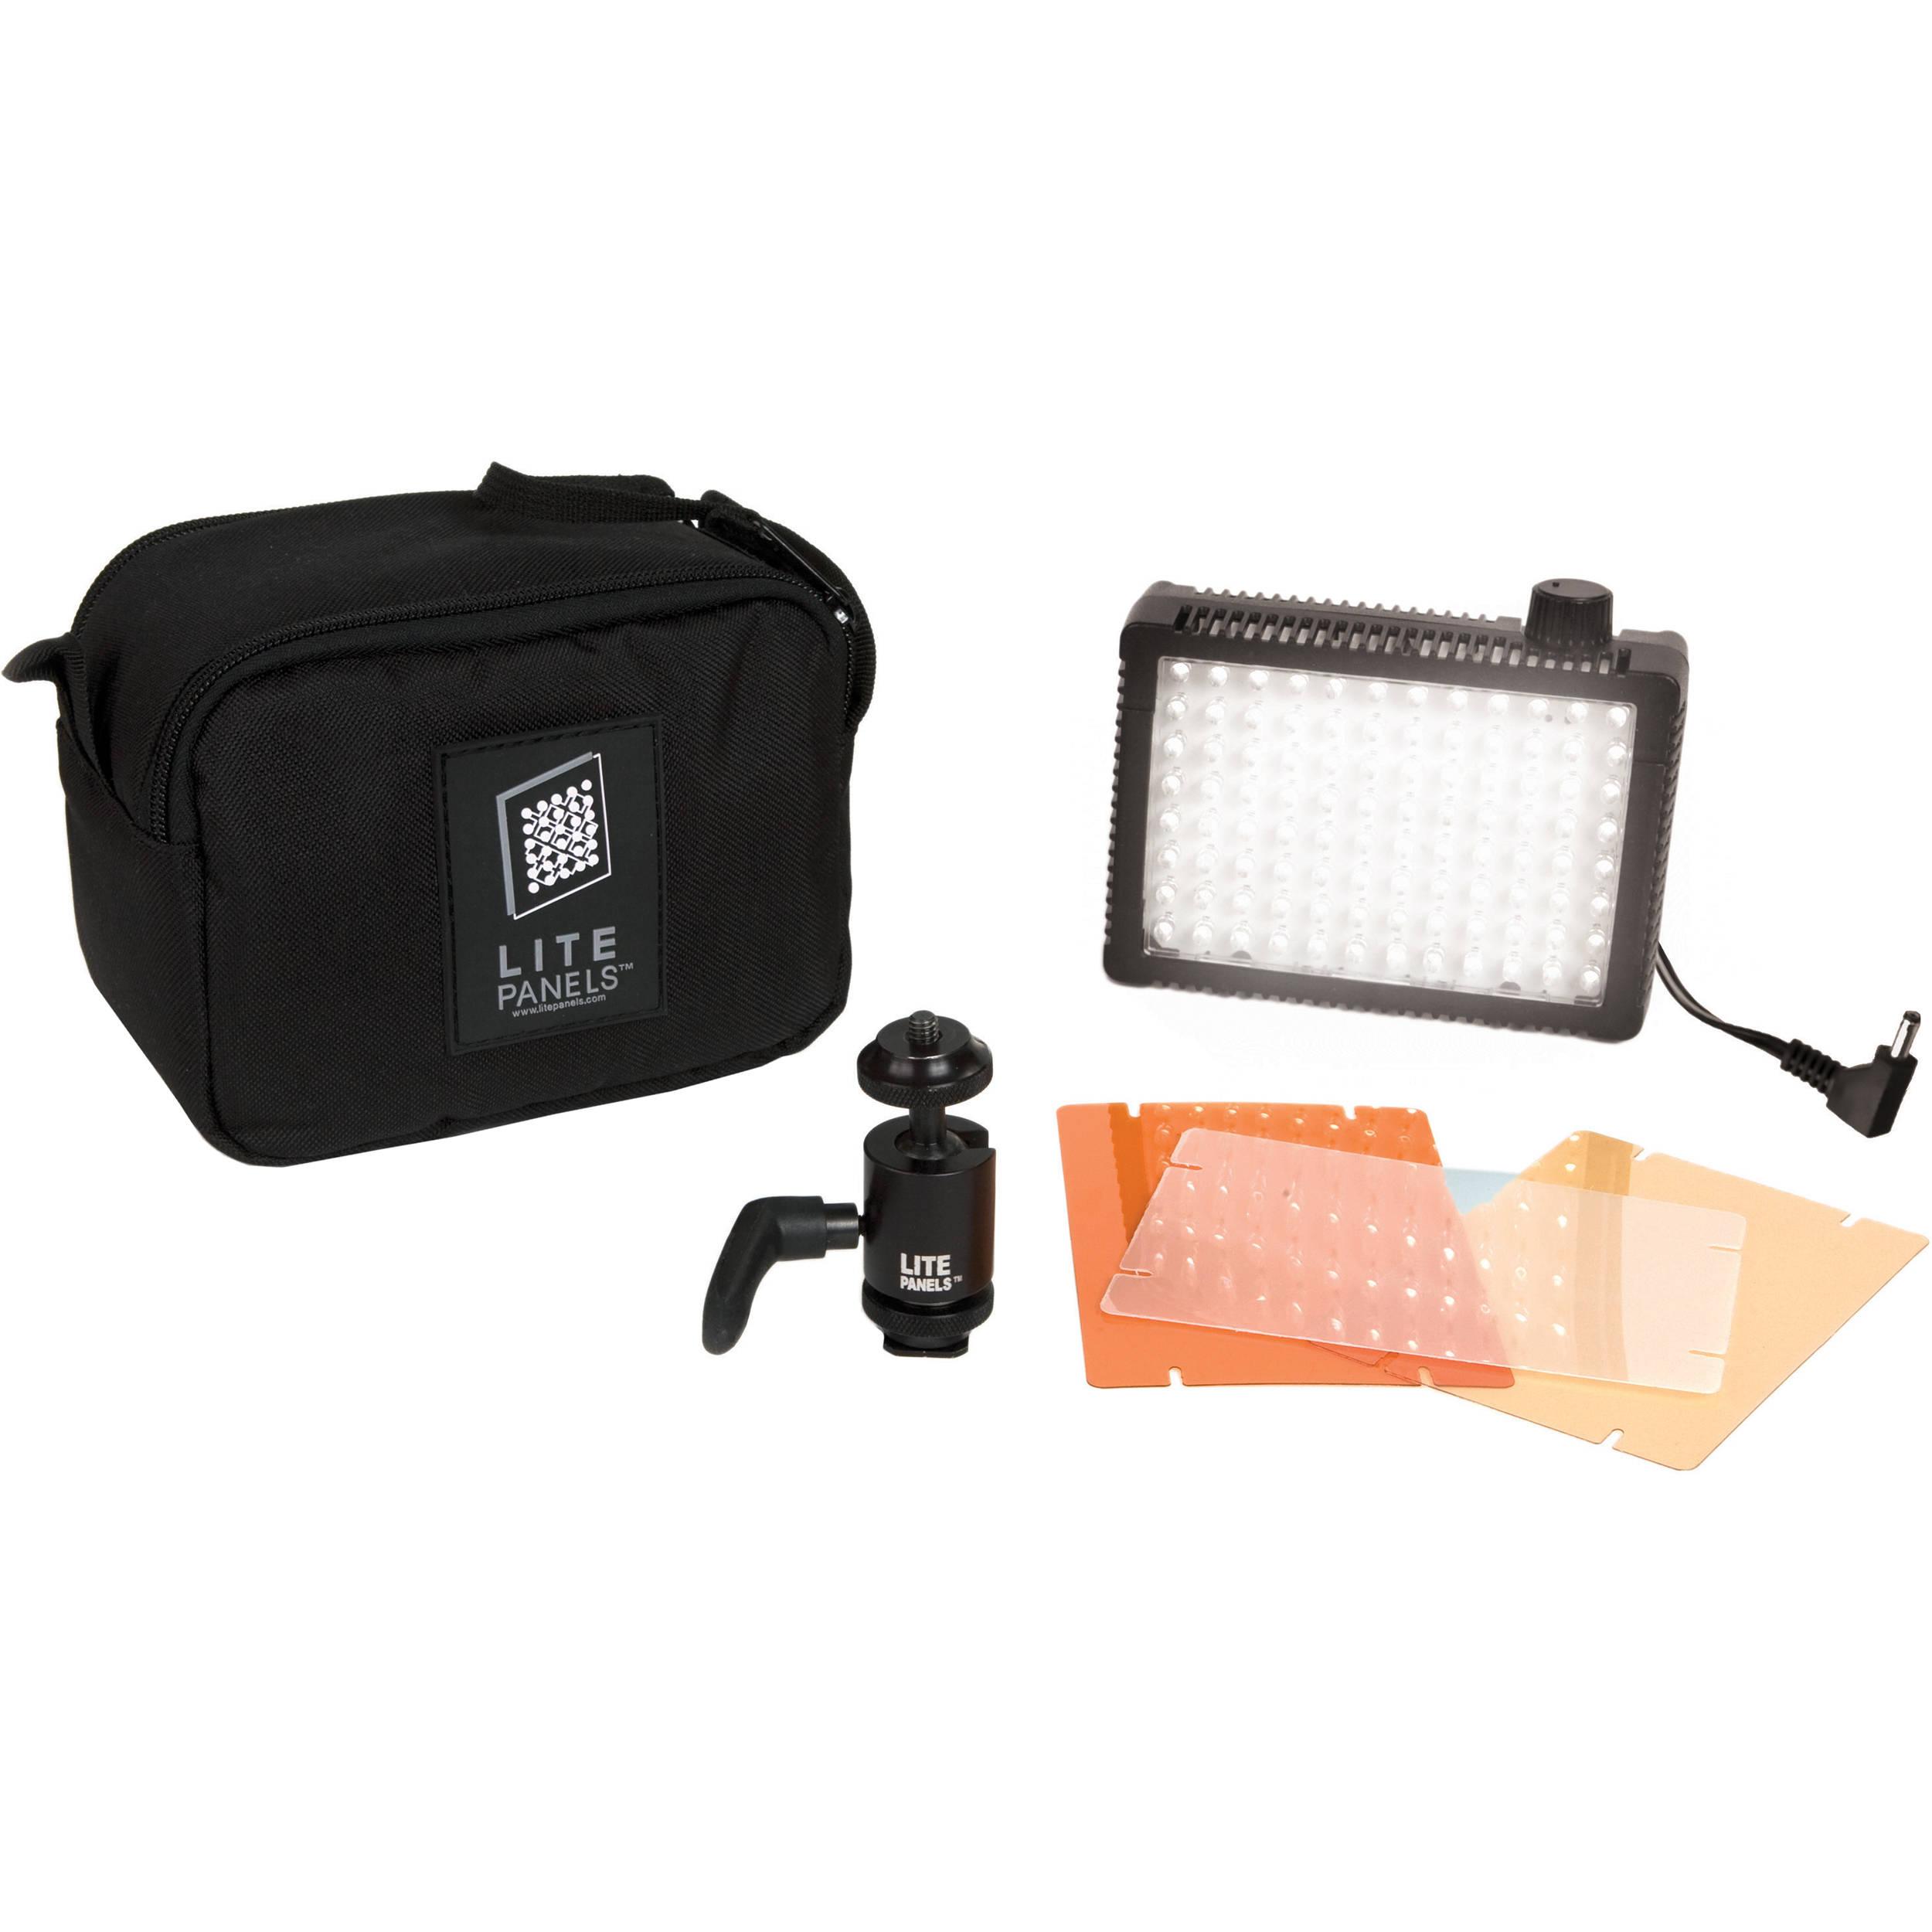 小型LEDライト LITE PANELS LP-MICRO-PROの詳細画像4